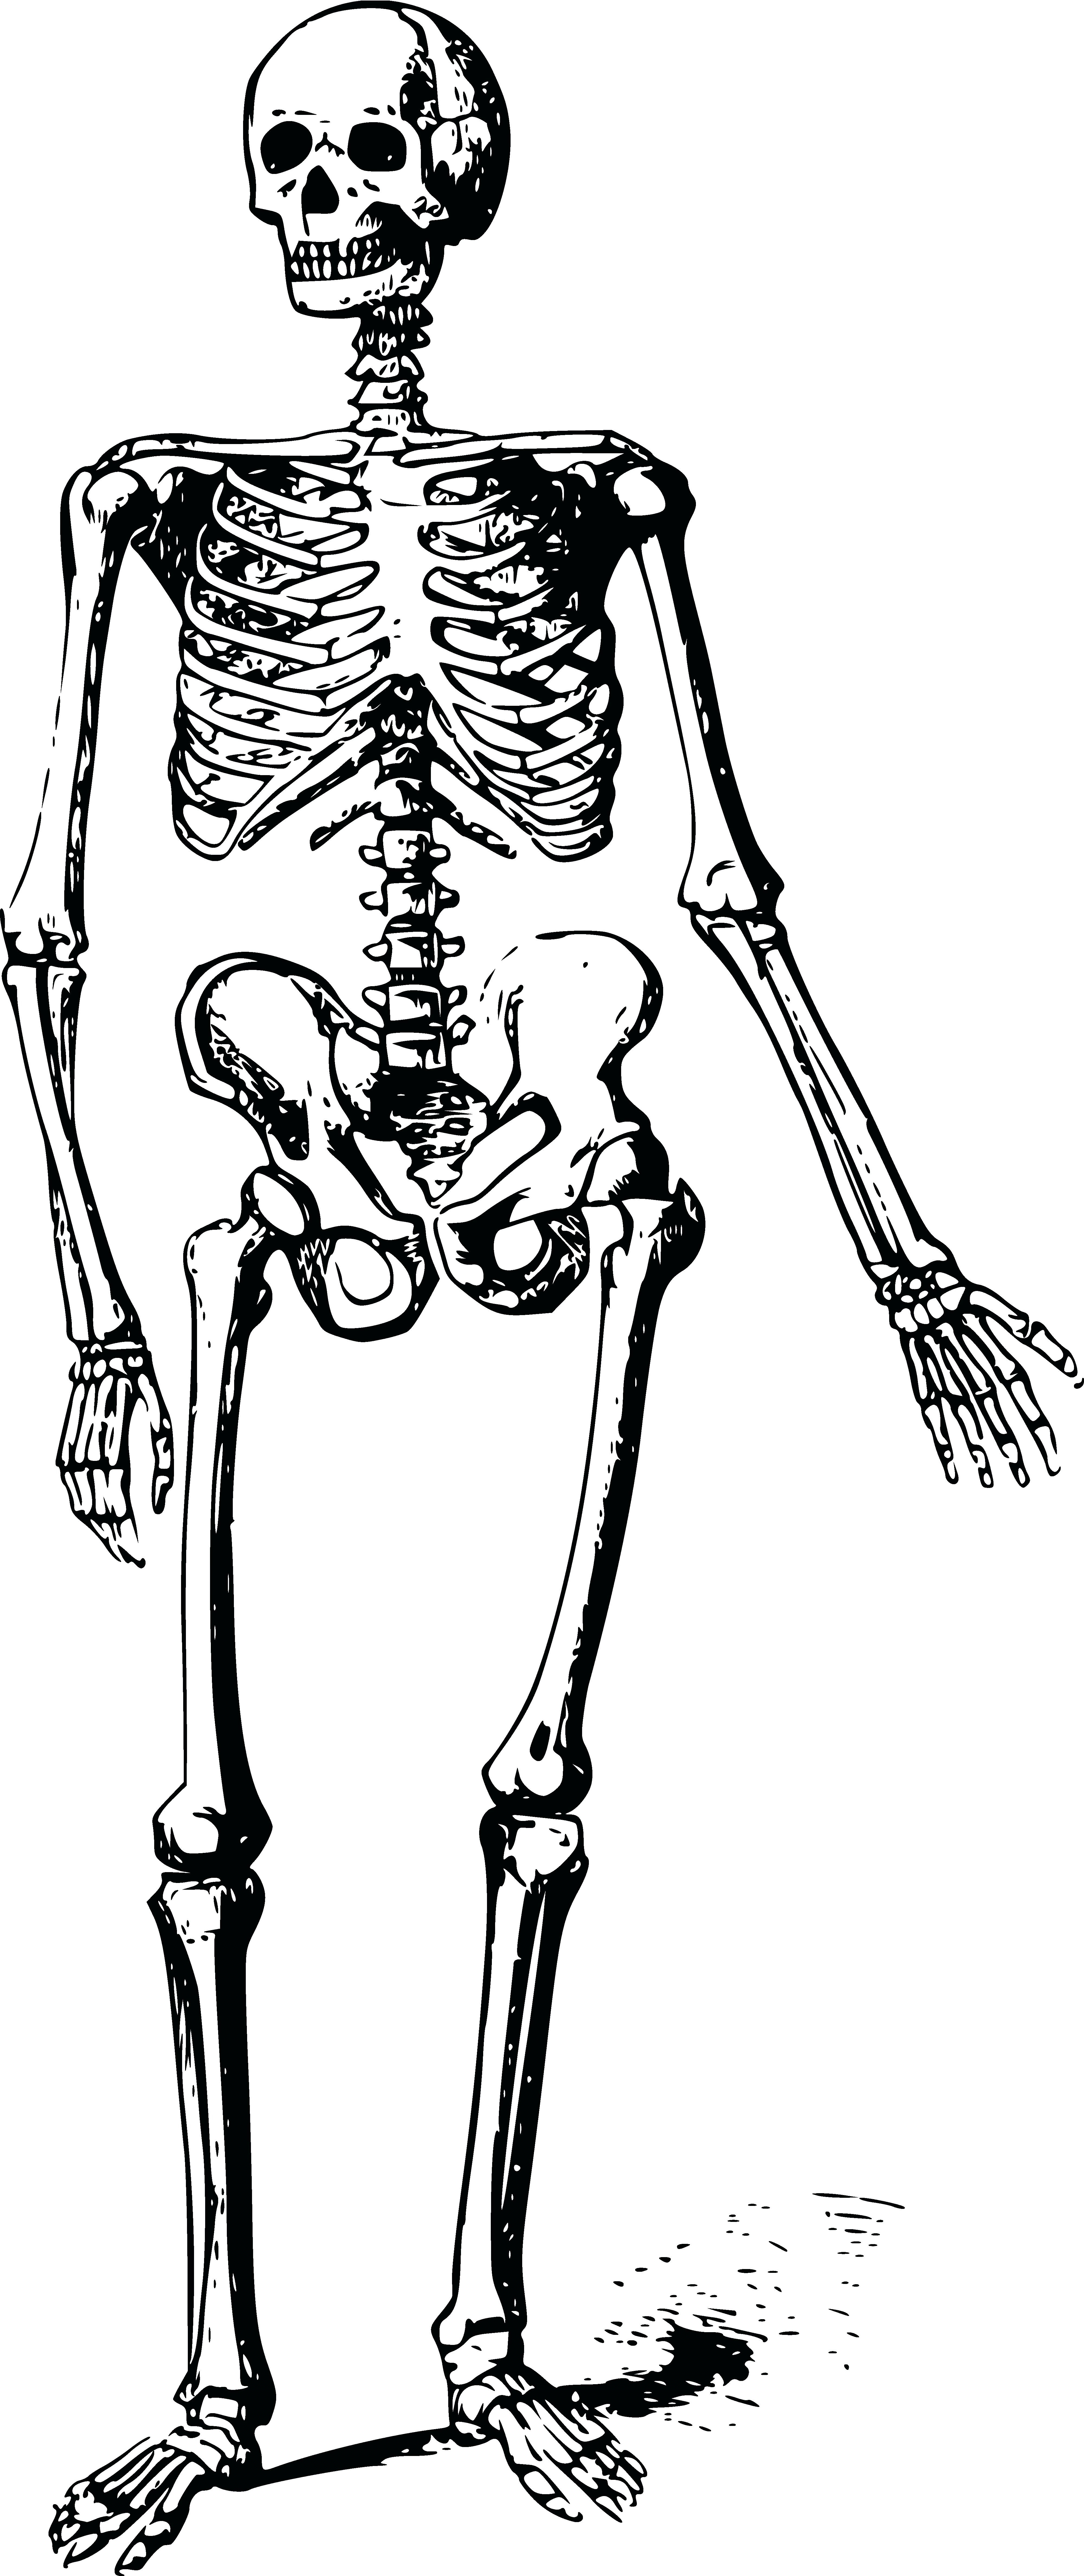 Happy skeleton clipart image stock Happy Skeleton Cliparts - Making-The-Web.com image stock